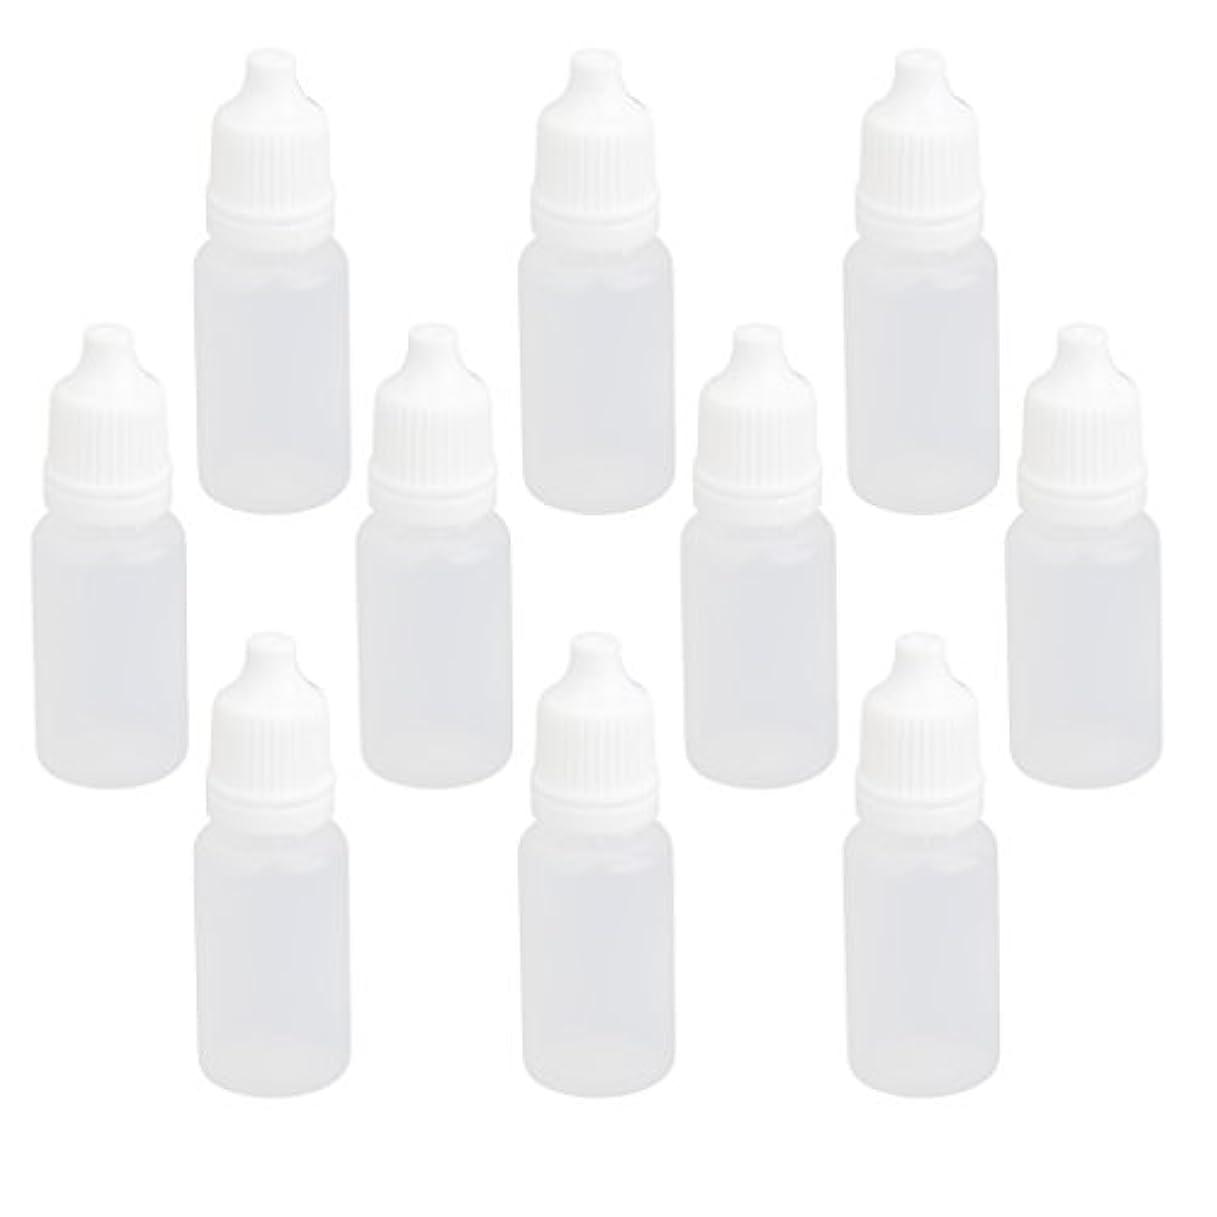 最近花輪熱帯の【ノーブランド品】ドロッパーボトル 点眼 液体 貯蔵用 滴瓶 プラスチック製 10個 (10ml)